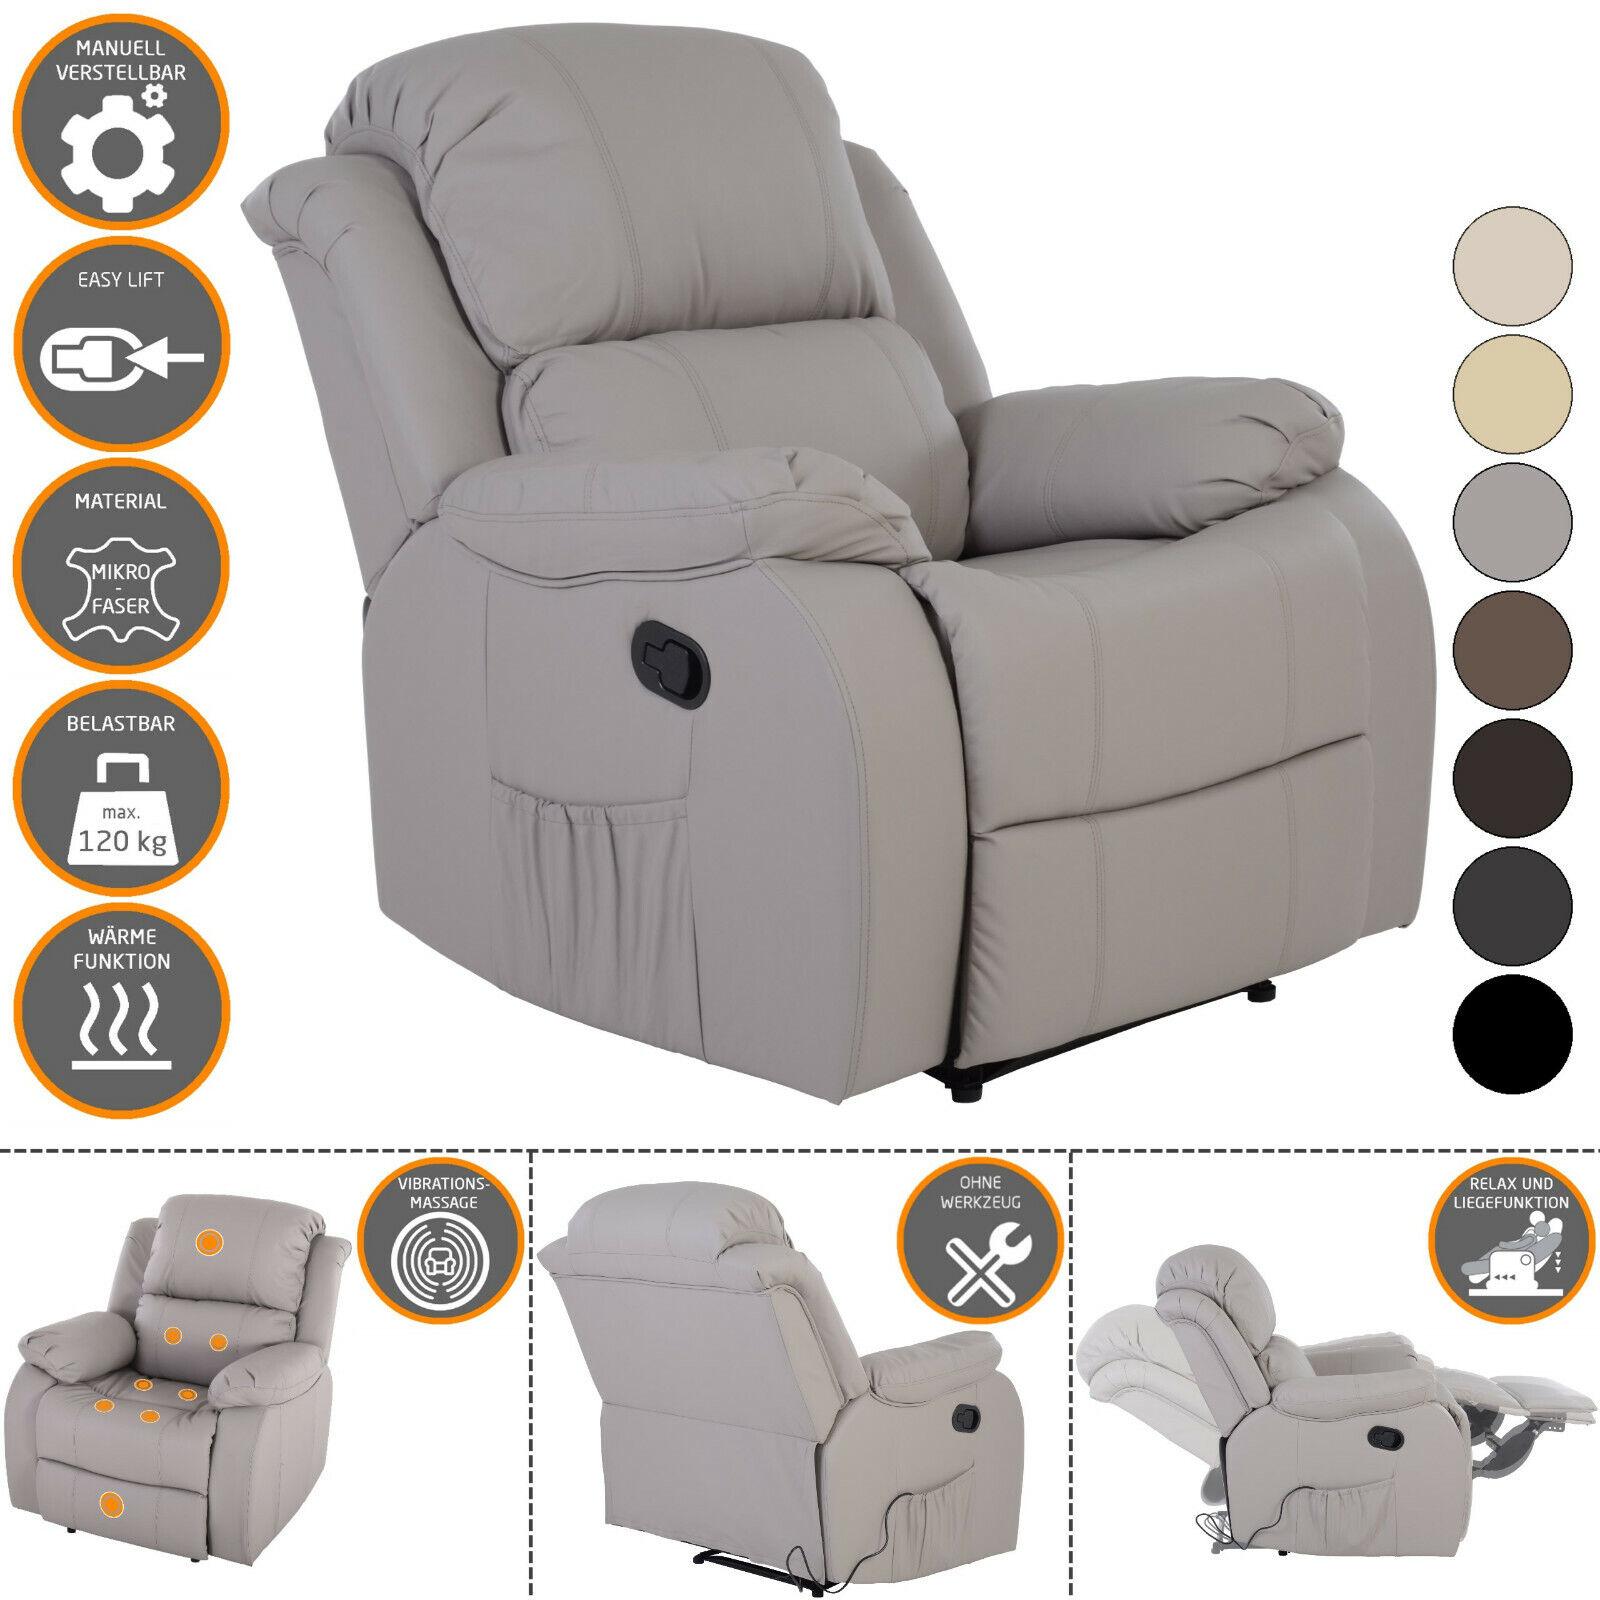 Fernsehsessel HANNE + elektrischer Massage + Wärme XXL Schlafsessel in GRAU